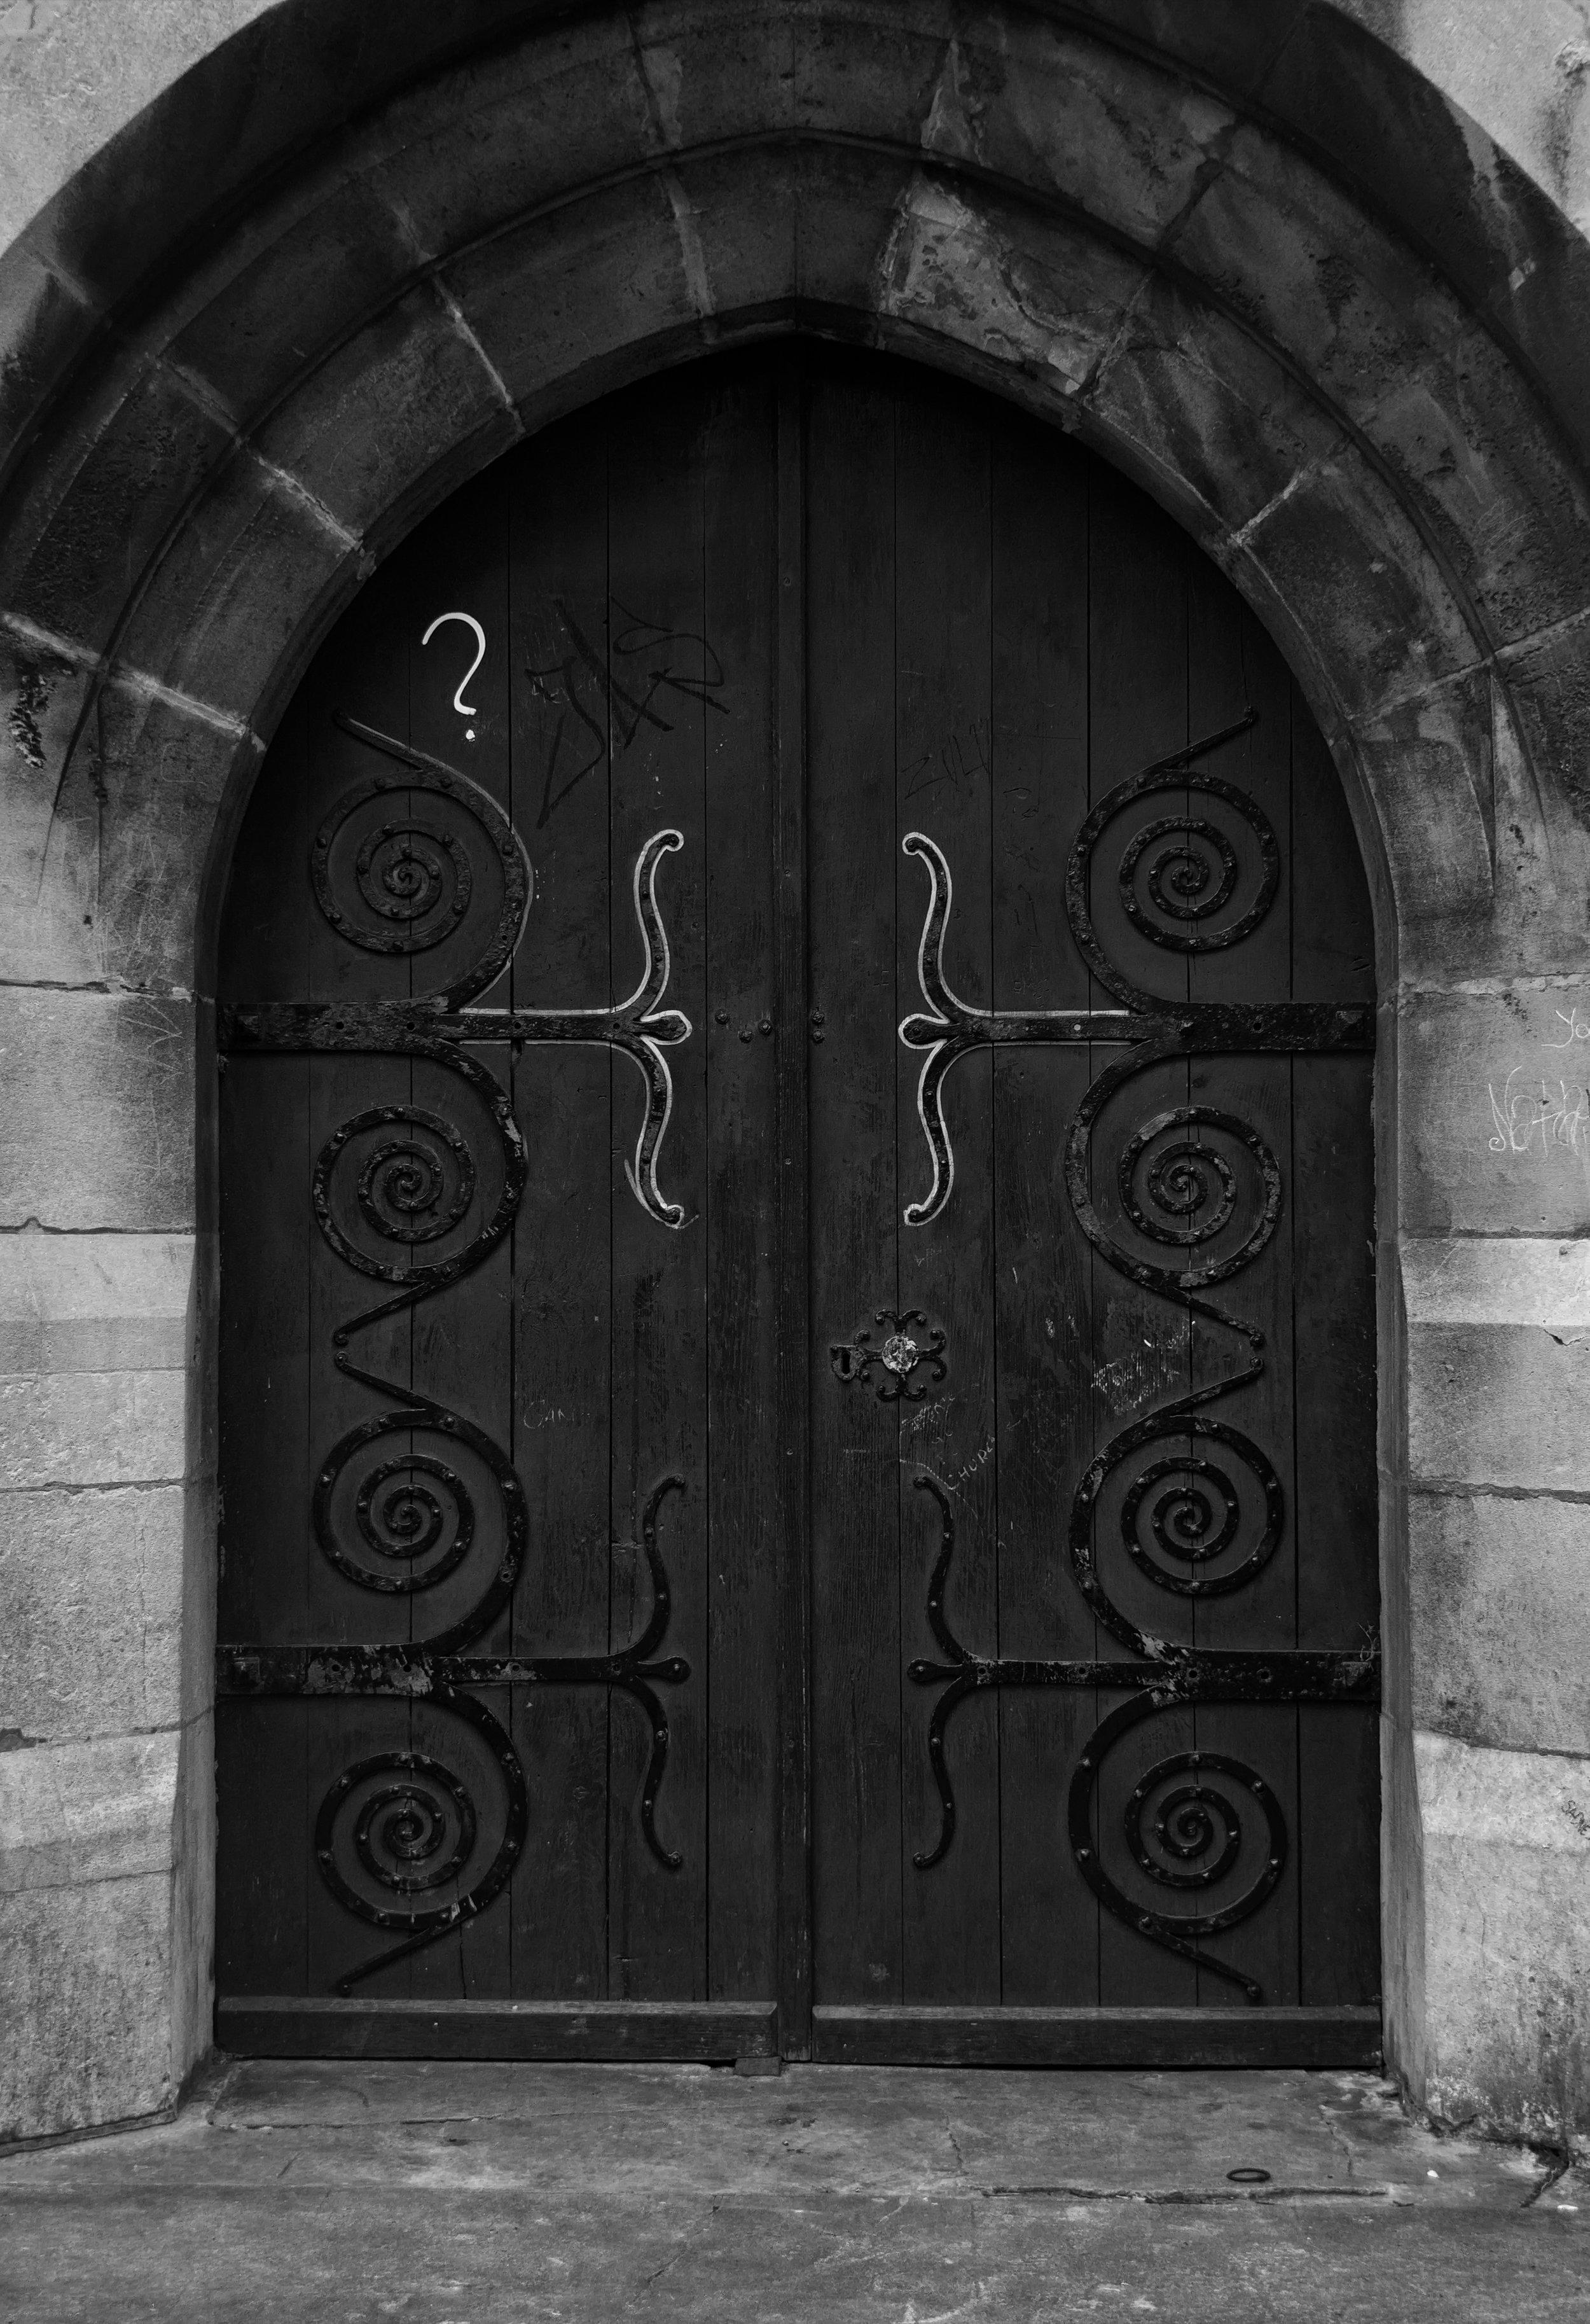 door-to-st-peter--st-pauls-church-dover_42792269630_o.jpg